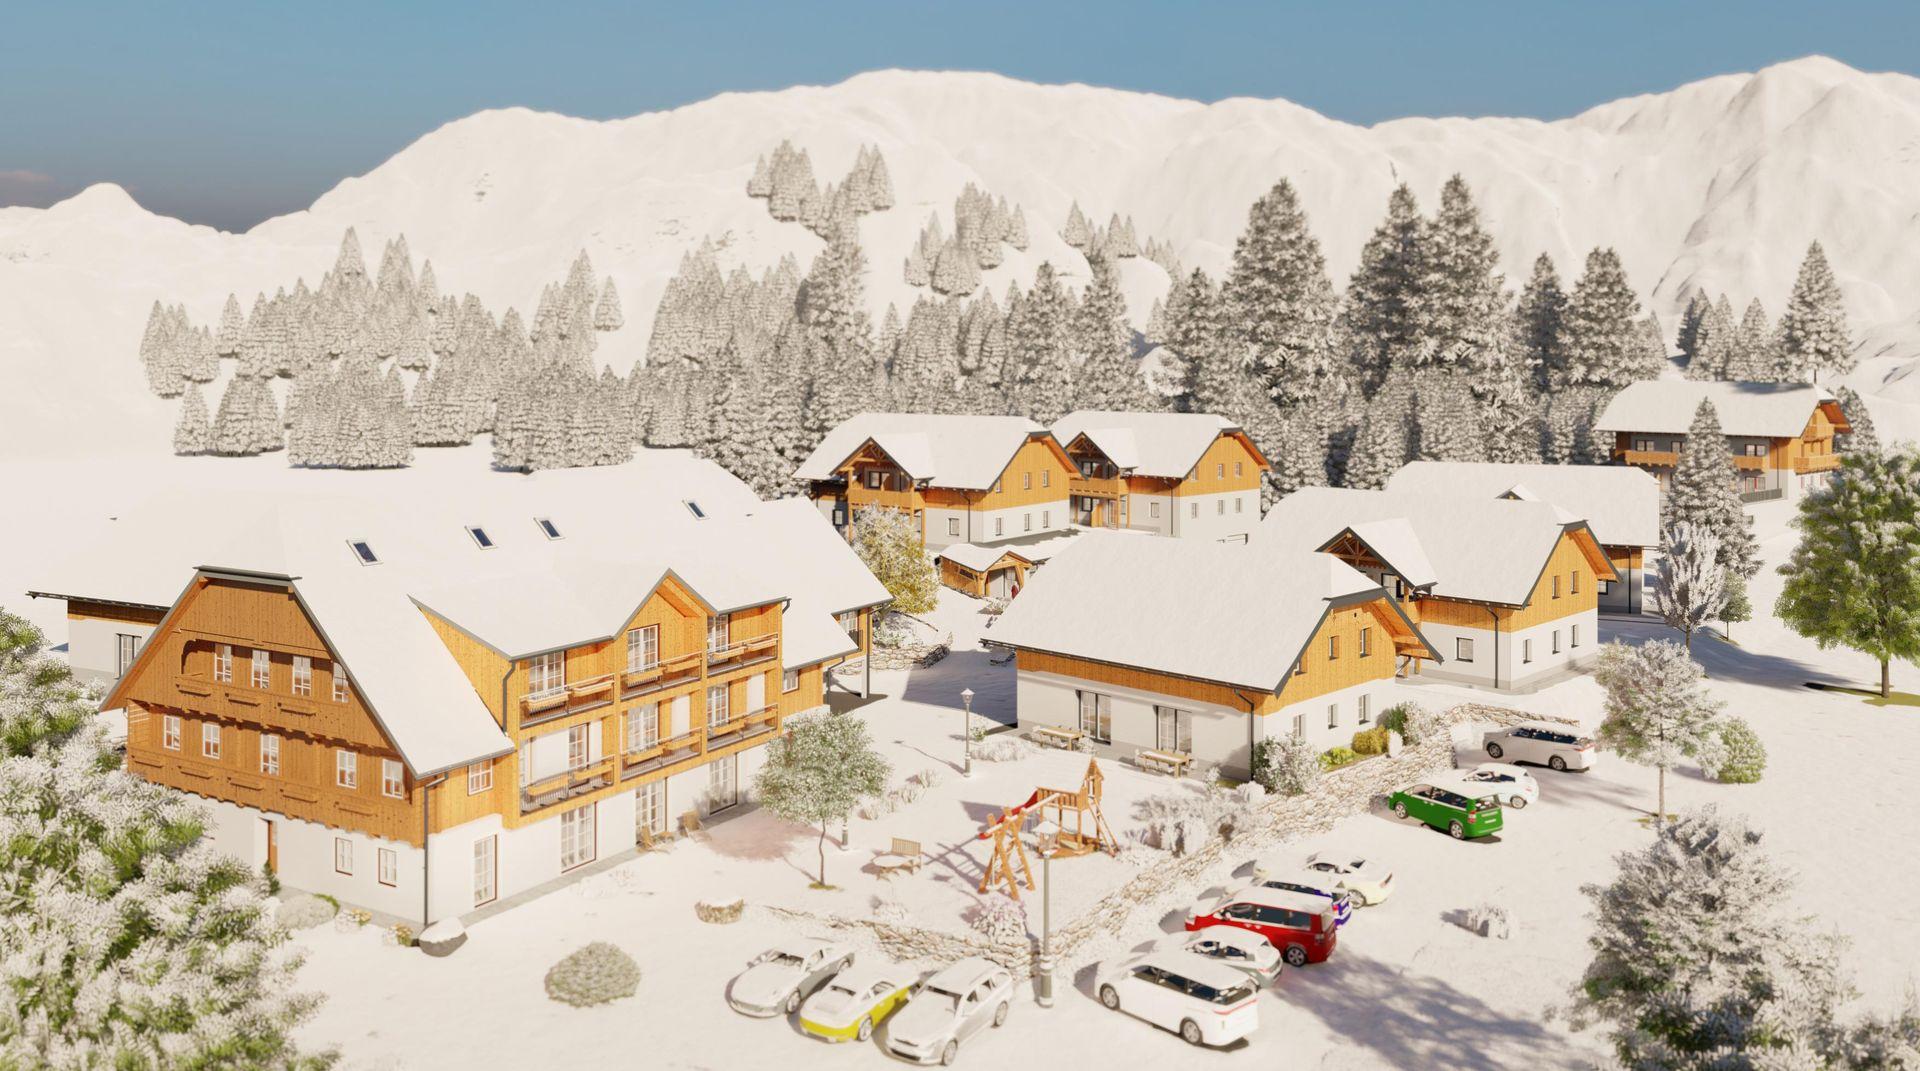 Meer info over Feriendorf Edelweiss  bij Wintertrex